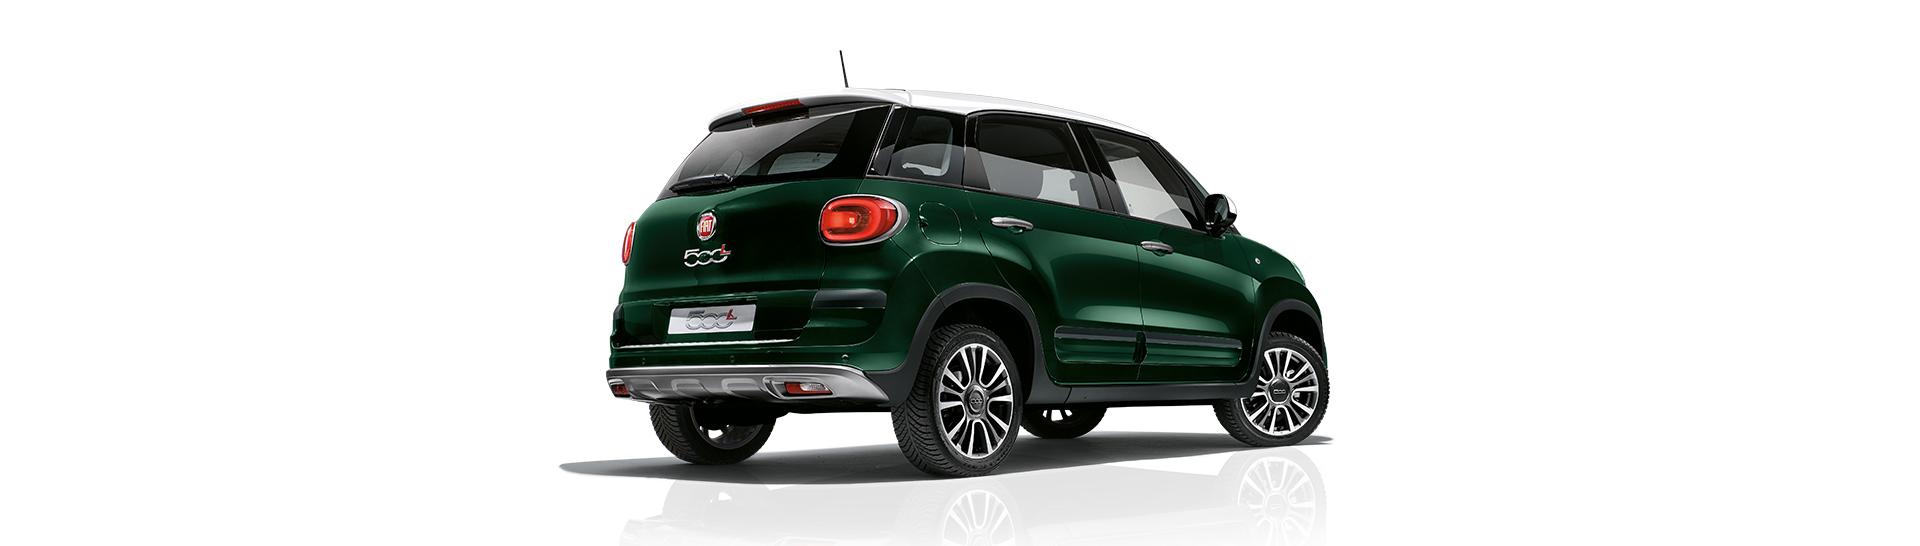 Fiat 500 L Cross Toriino